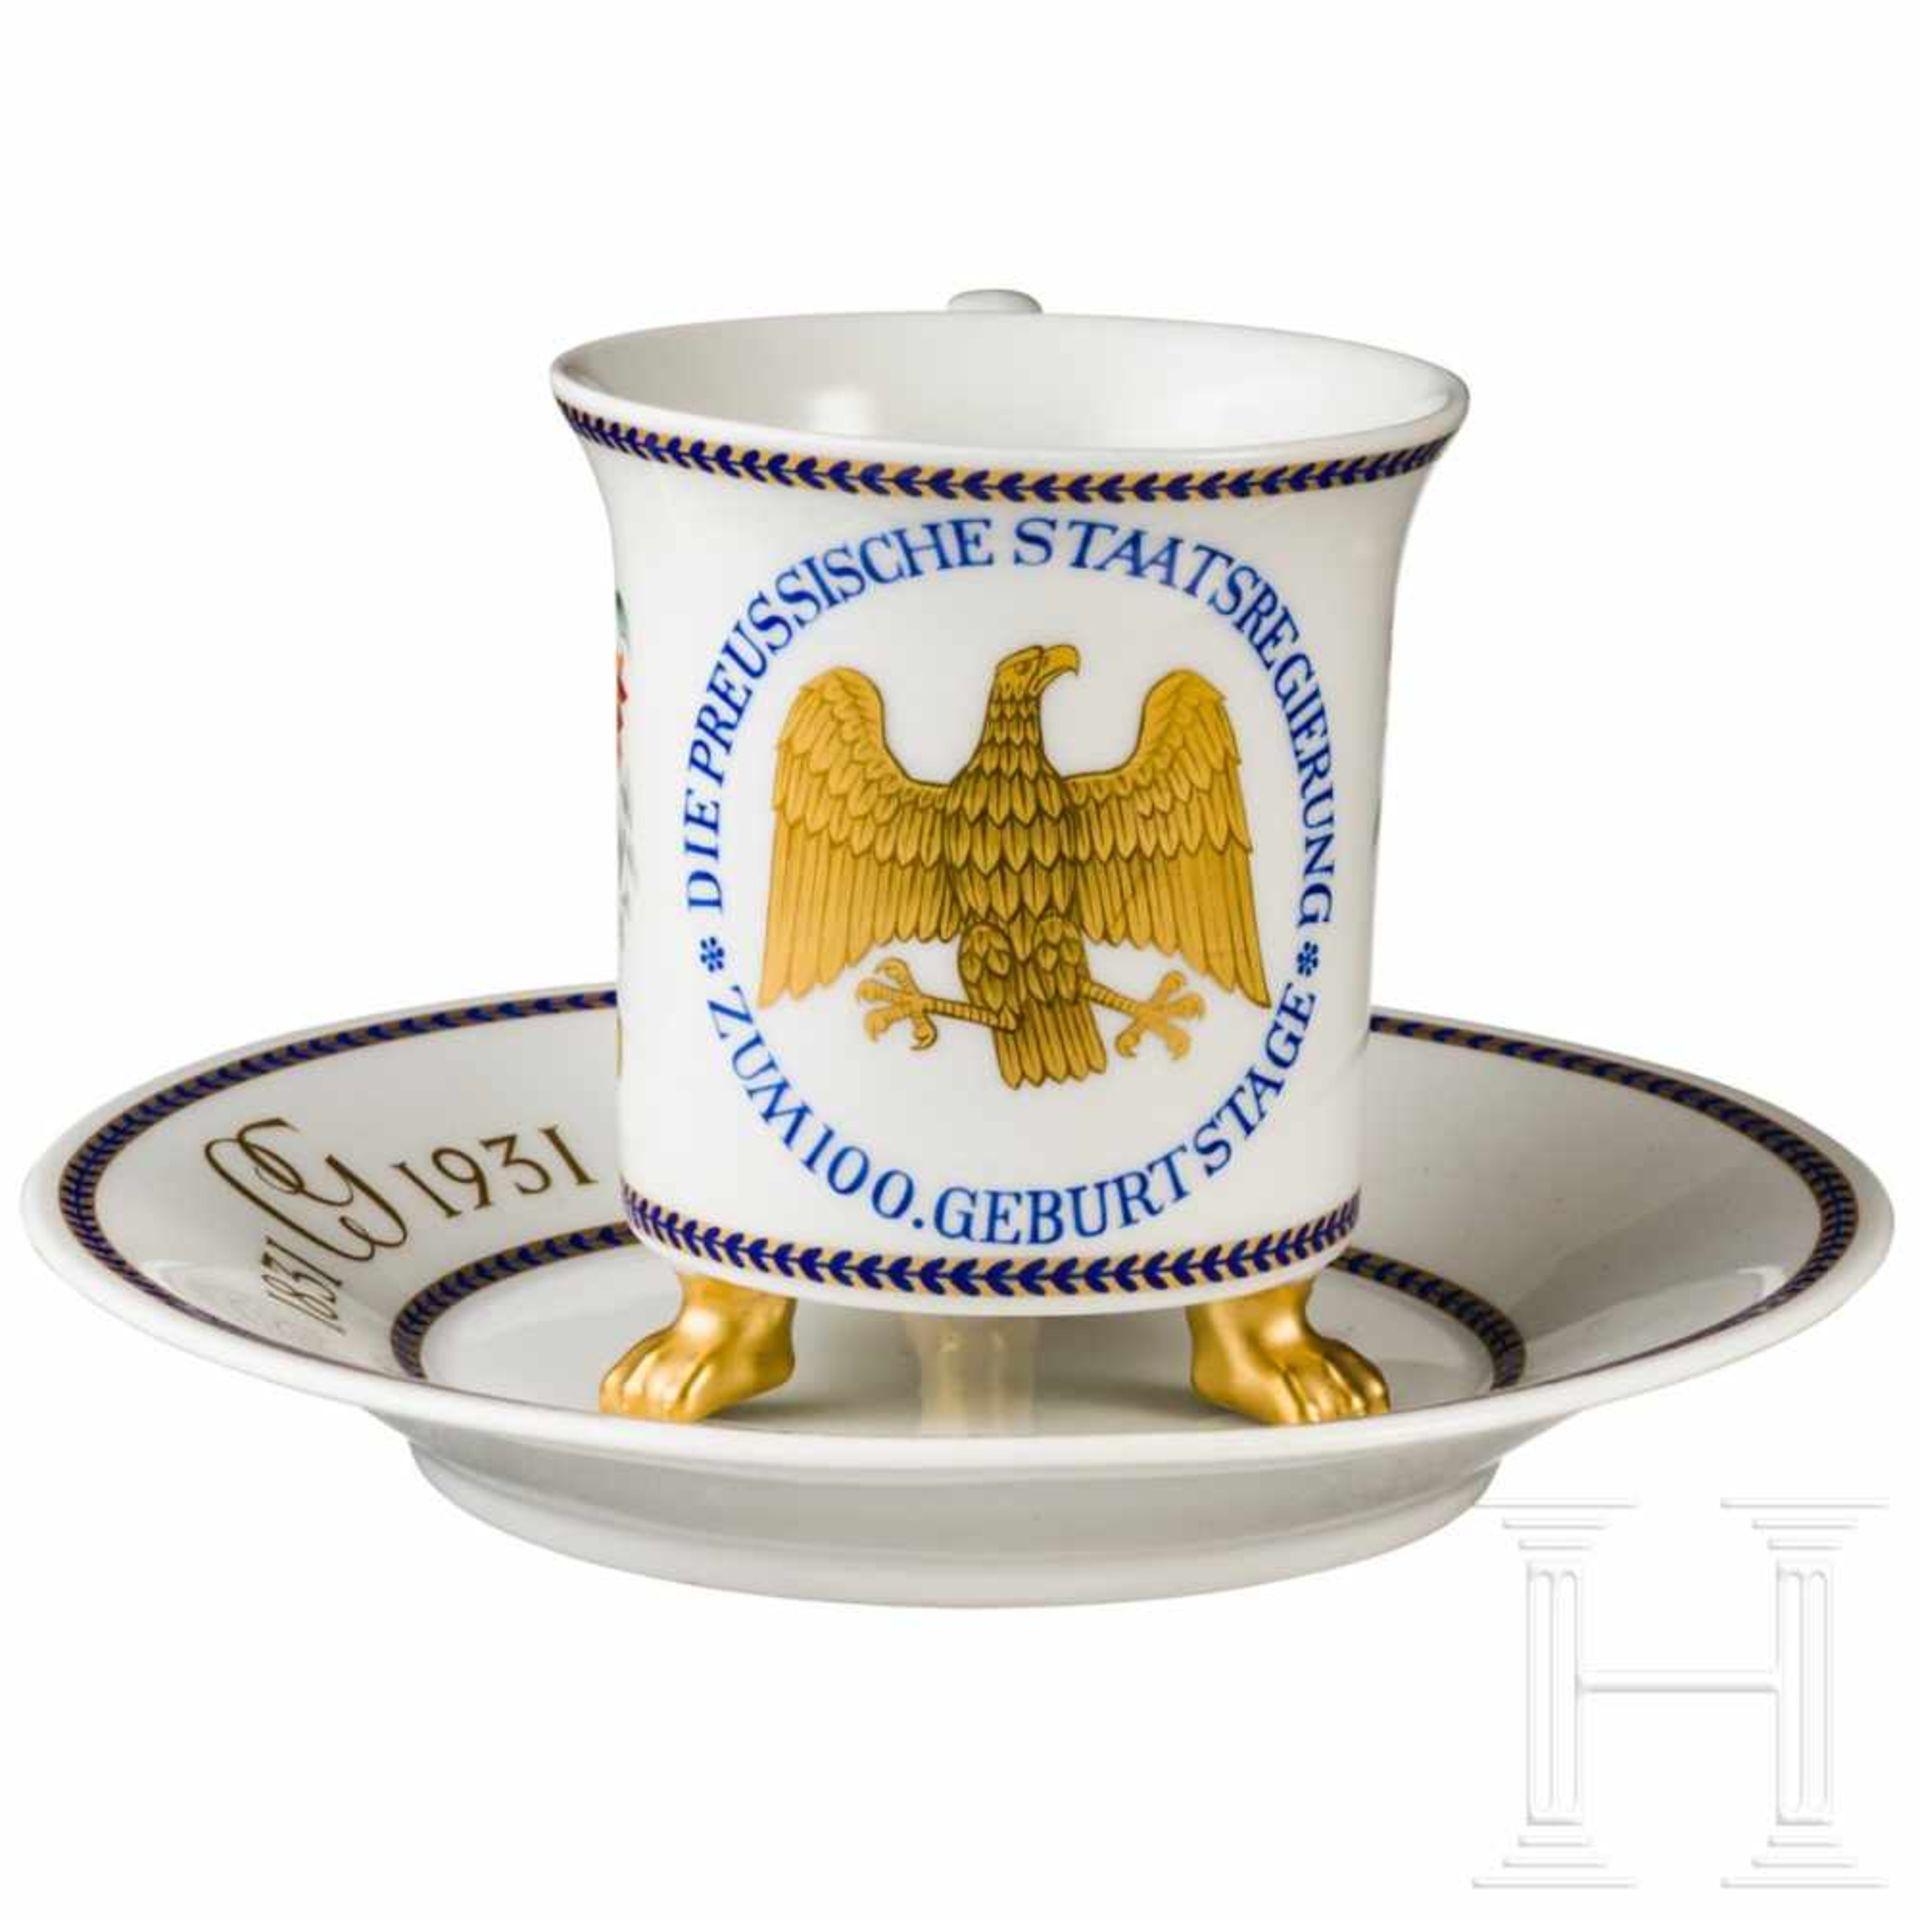 Los 6003 - KPM-Geschenktasse der preußischen Regierung zum 100. GeburtstagWeißes, glasiertes Porzellan mit